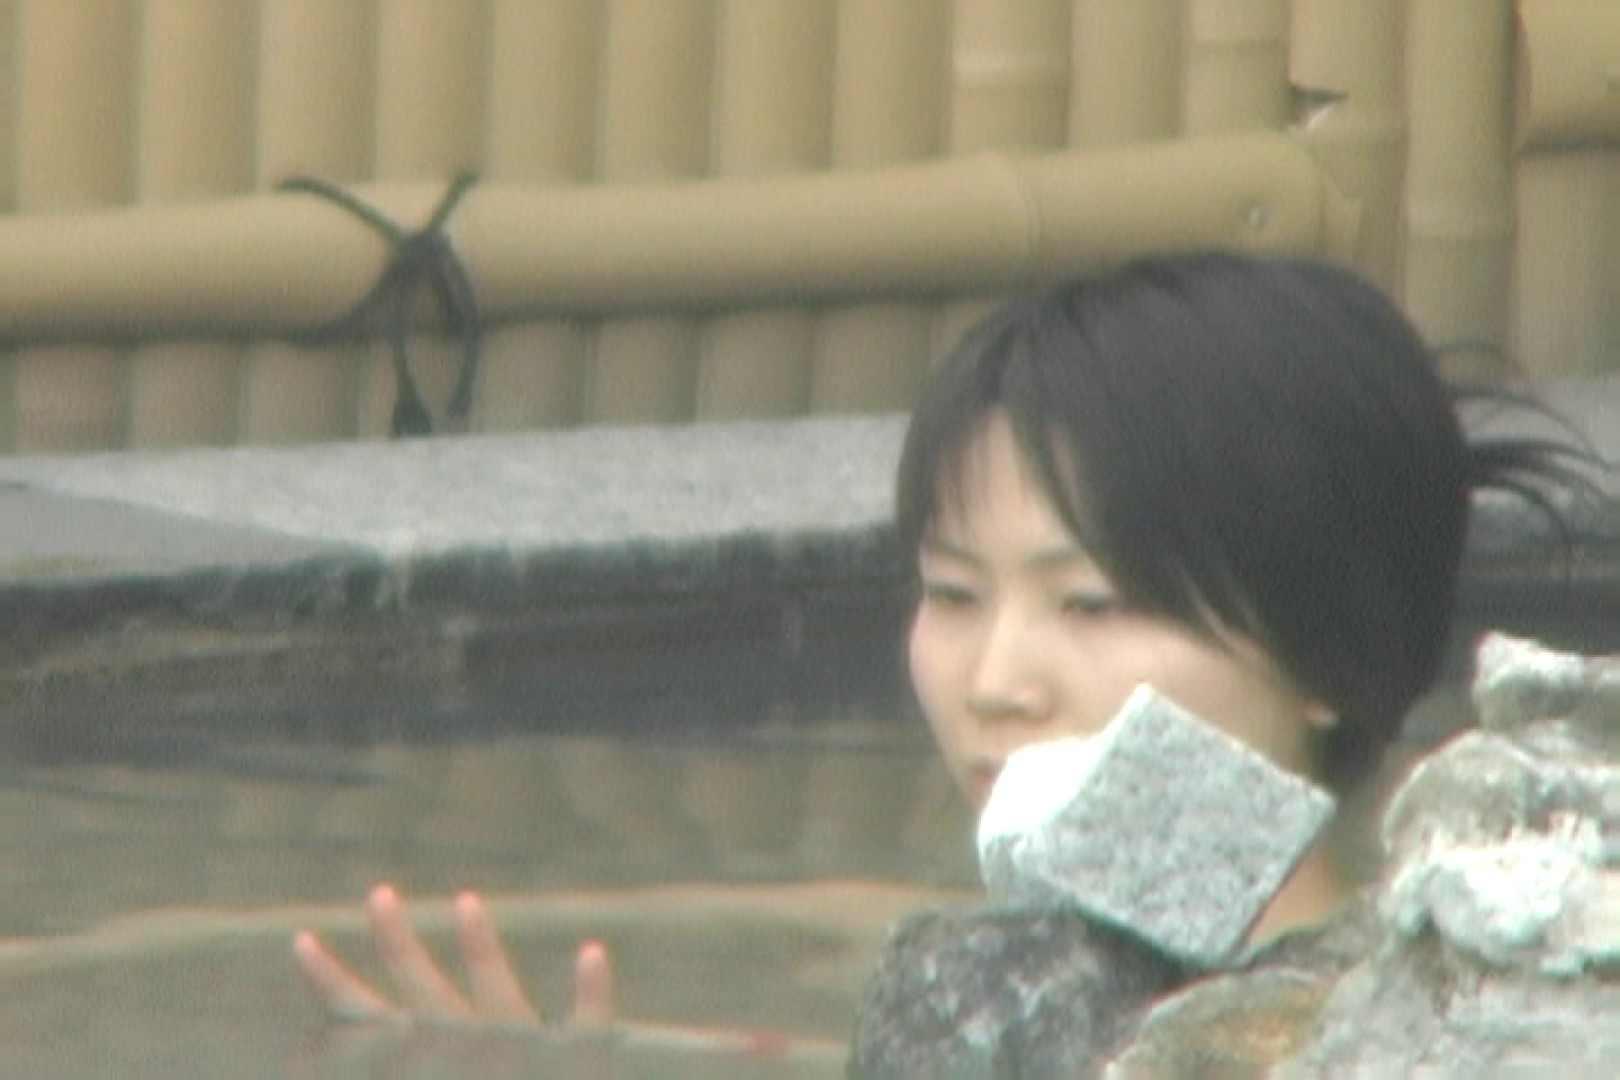 Aquaな露天風呂Vol.567 OLのエロ生活 覗きおまんこ画像 96連発 41